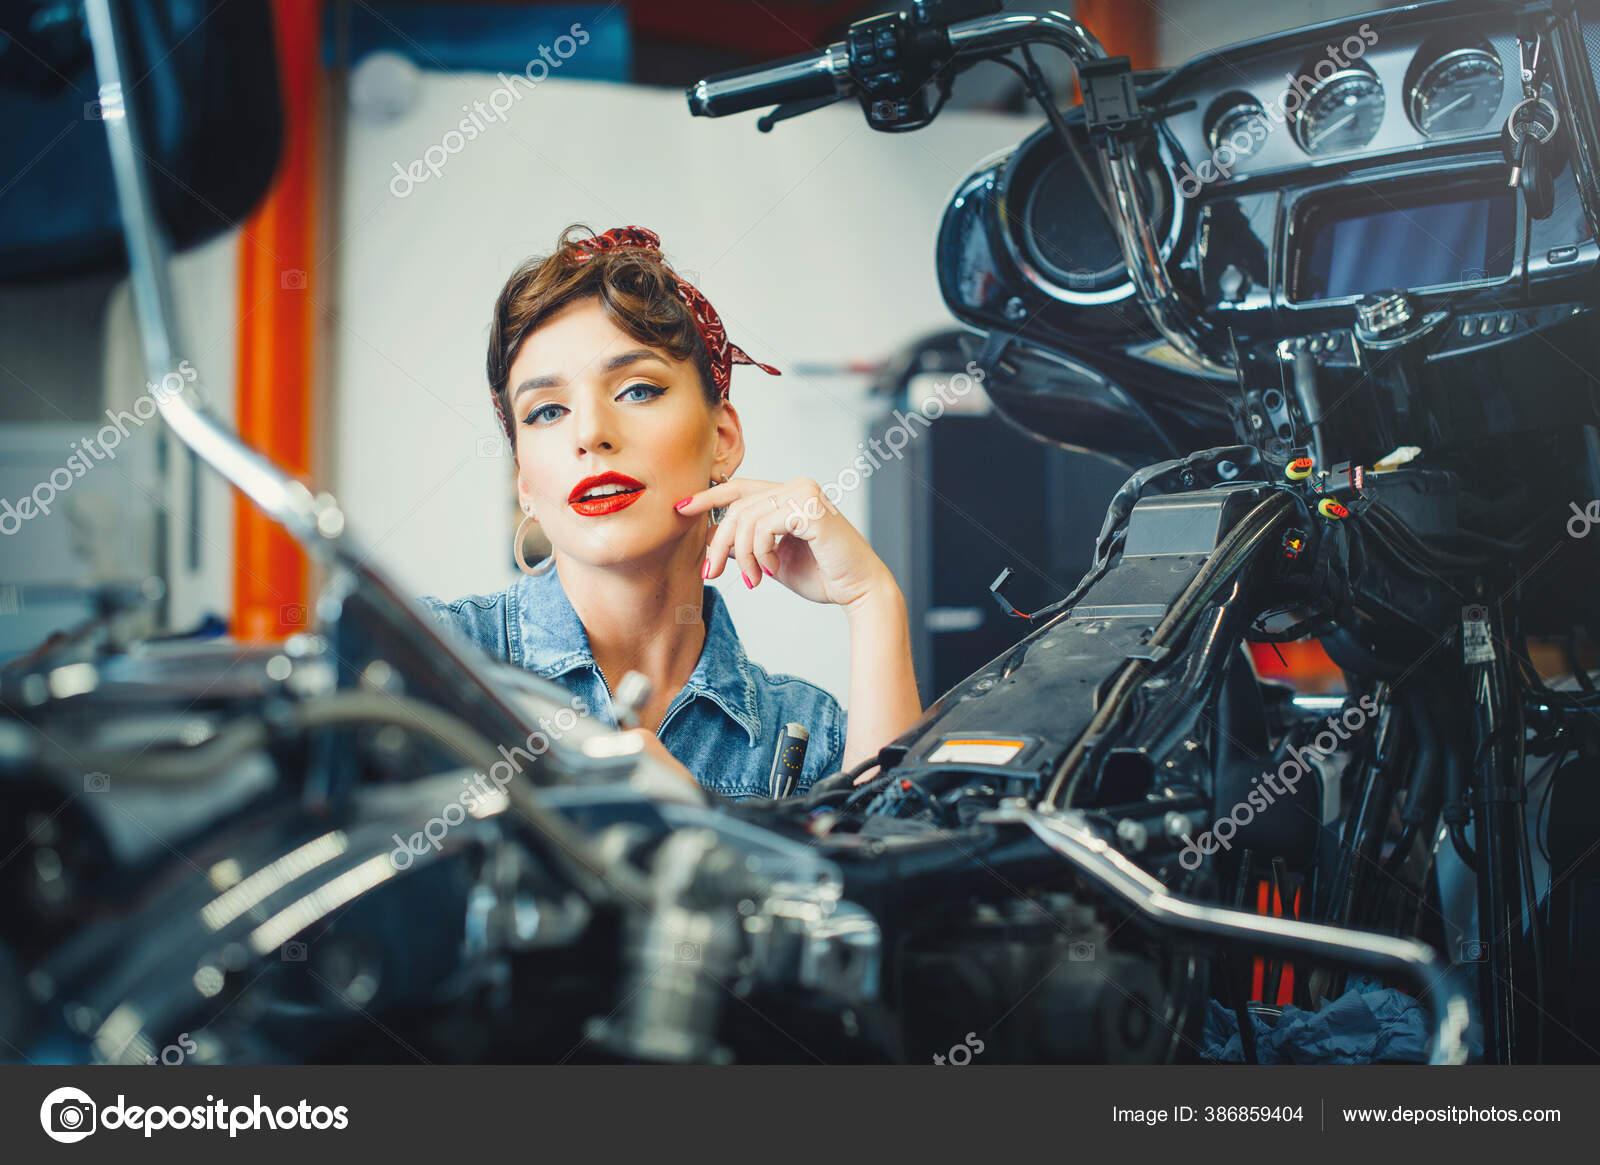 вас фотосессия на мотоцикле в студии екатеринбург тушения